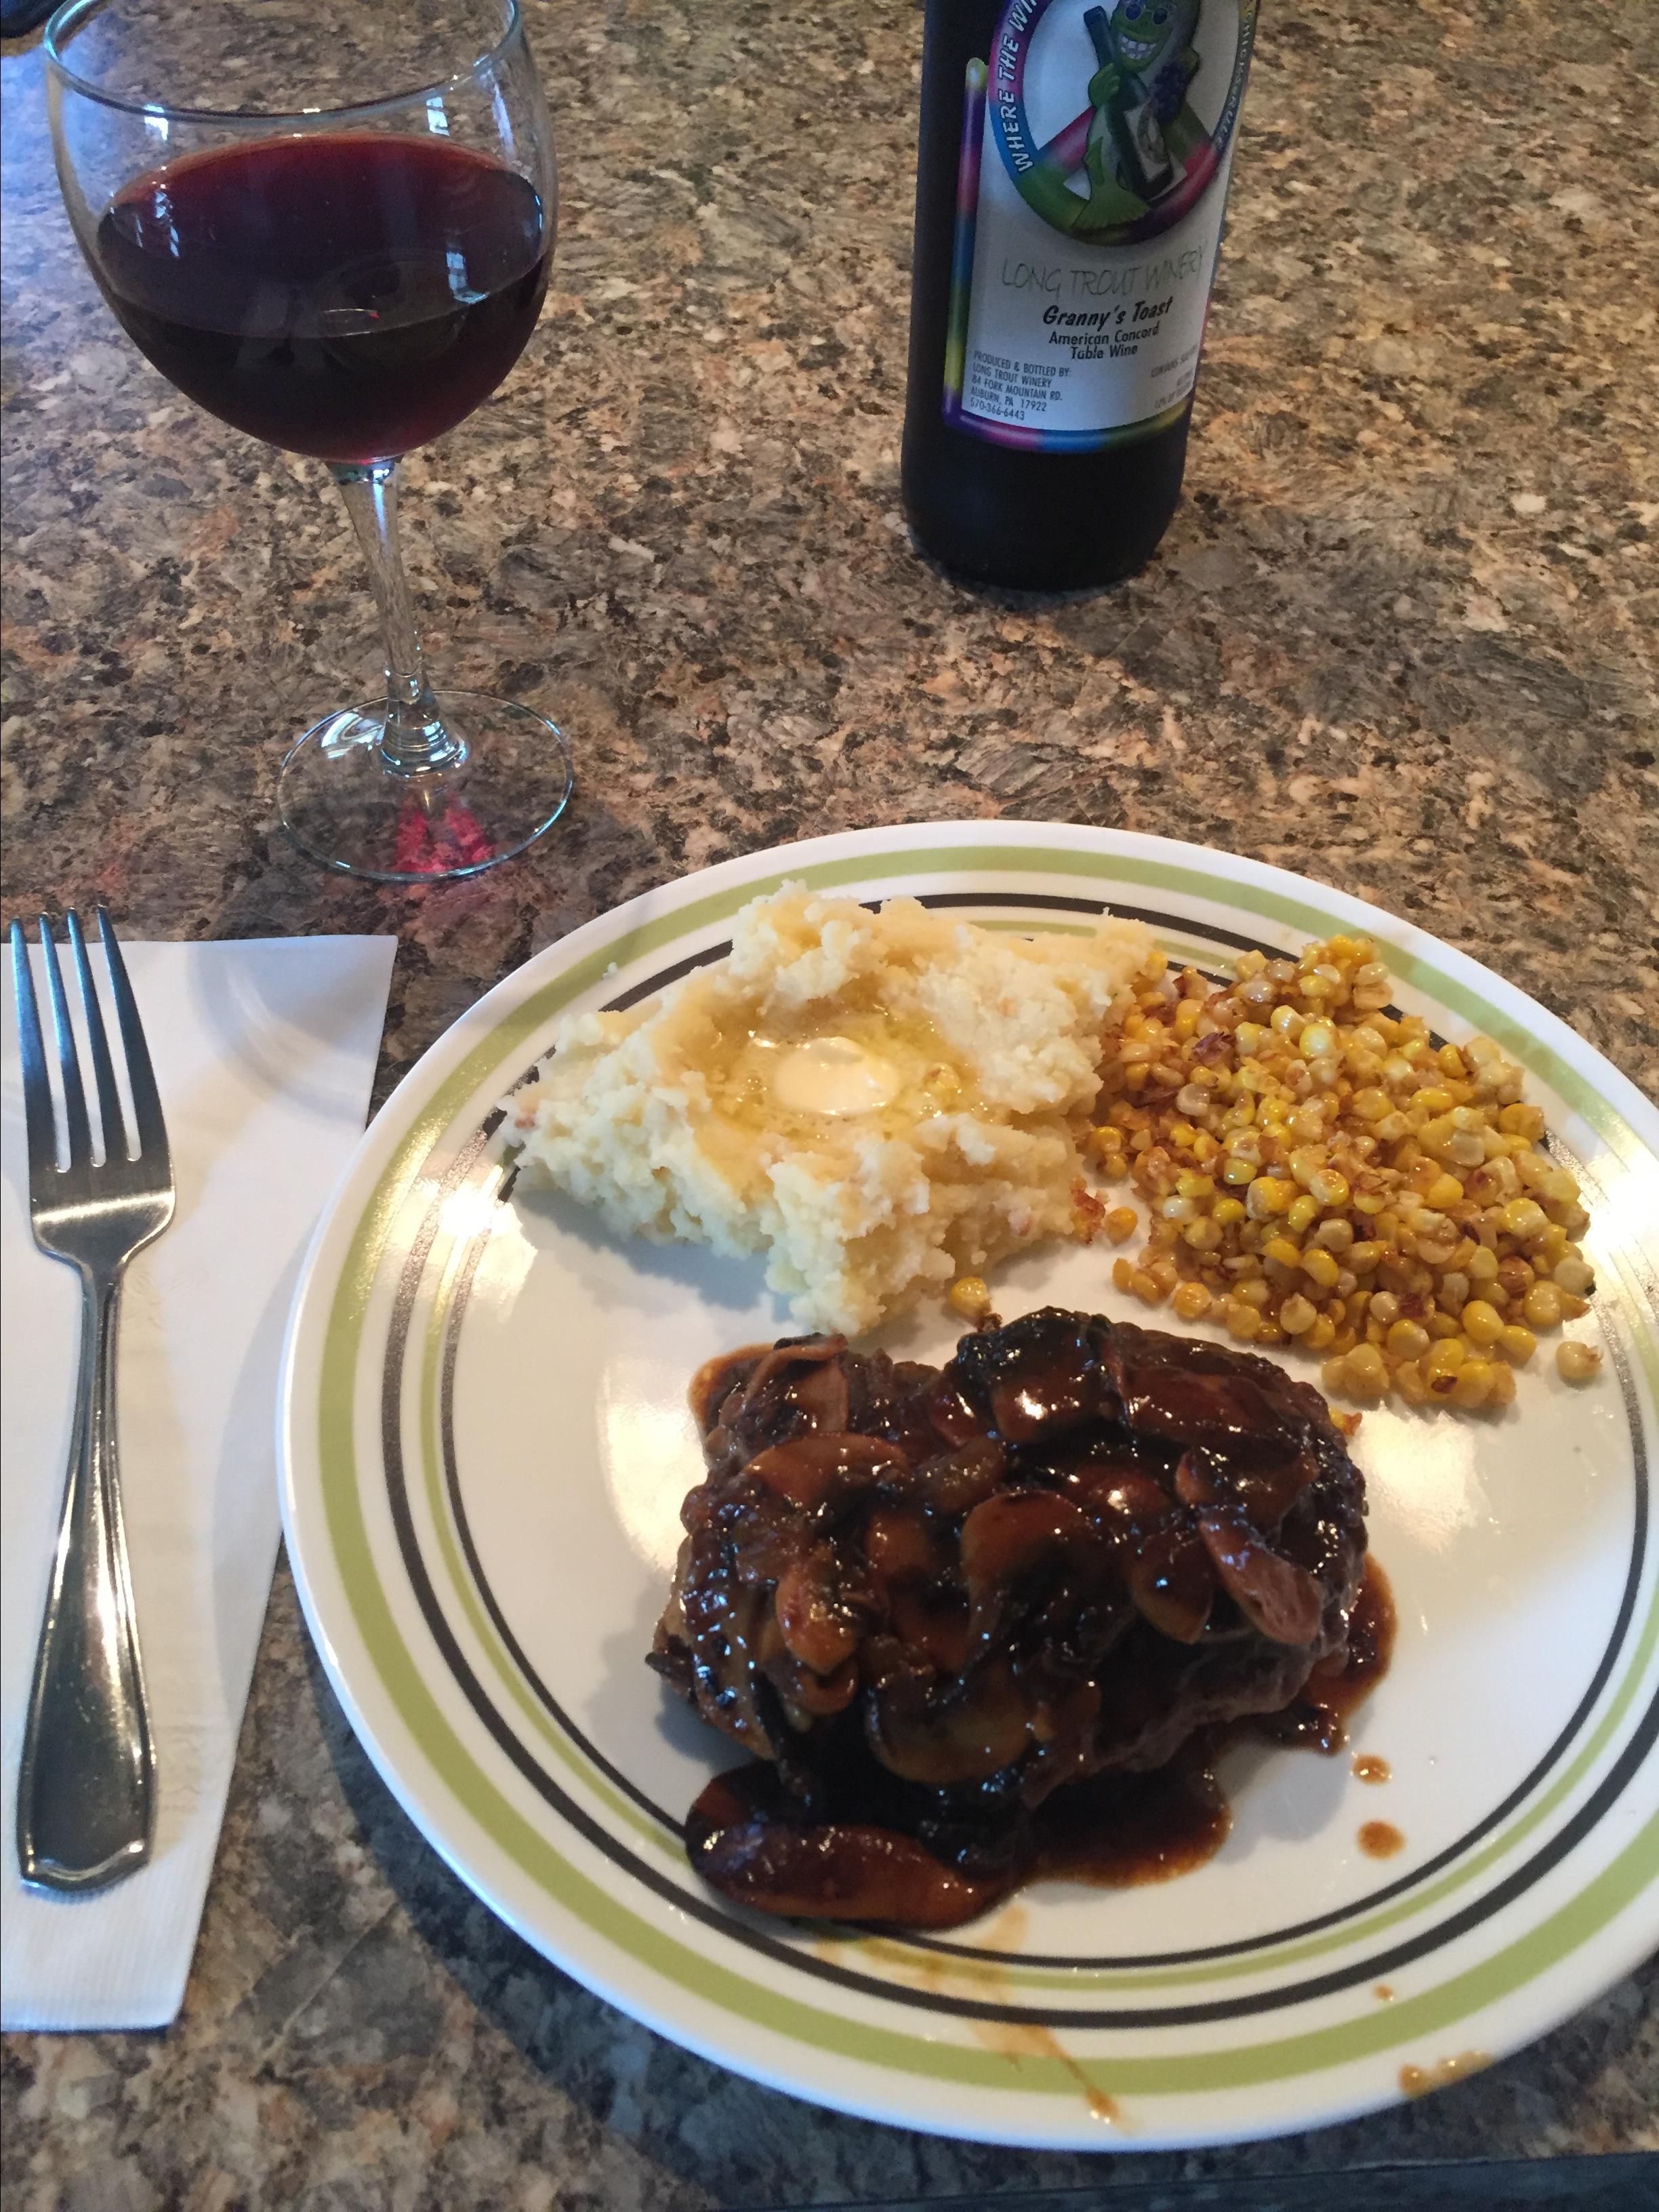 Chef John's Salisbury Steak patty